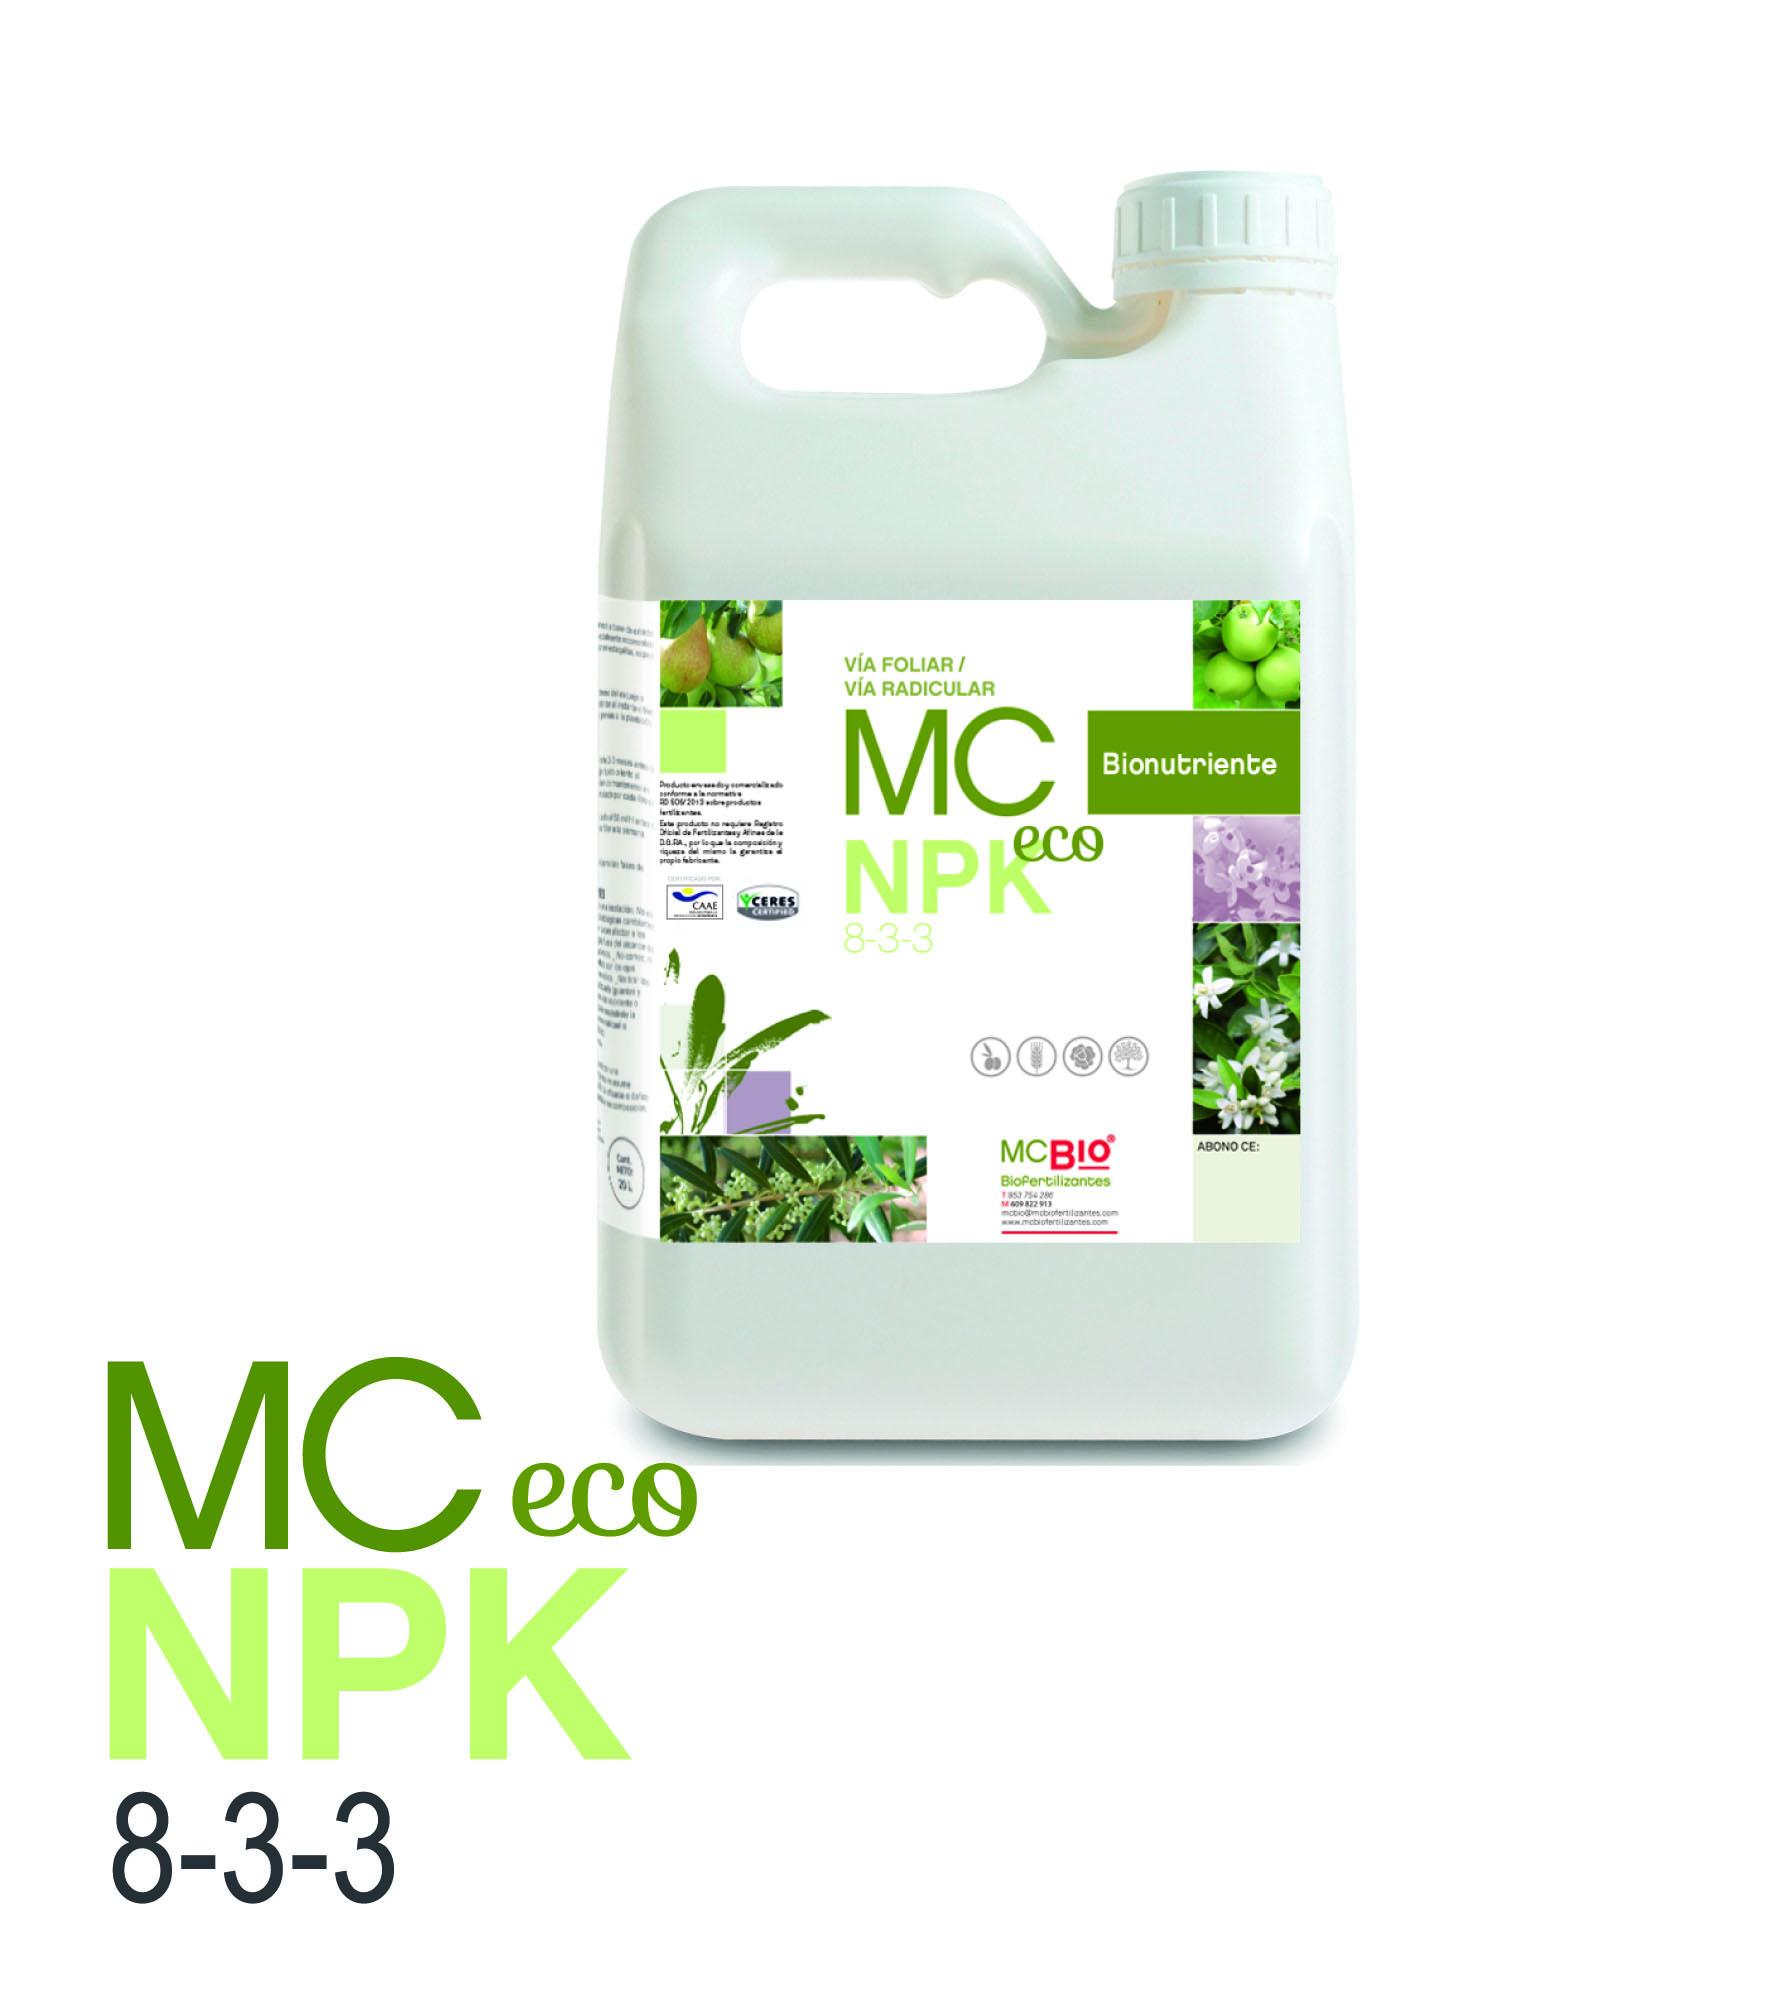 NPK ECO 8-3-3 Oleokelsa